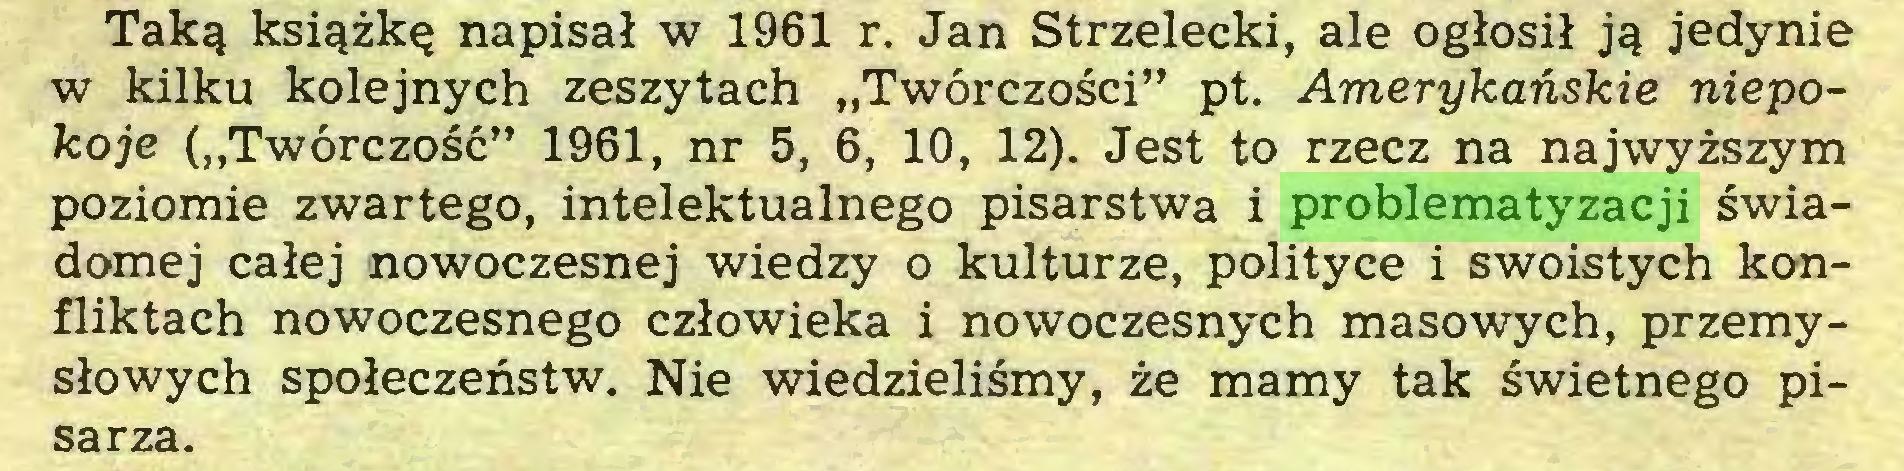 """(...) Taką książkę napisał w 1961 r. Jan Strzelecki, ale ogłosił ją jedynie w kilku kolejnych zeszytach """"Twórczości"""" pt. Amerykańskie niepokoje (""""Twórczość"""" 1961, nr 5, 6, 10, 12). Jest to rzecz na najwyższym poziomie zwartego, intelektualnego pisarstwa i problematyzacji świadomej całej nowoczesnej wiedzy o kulturze, polityce i swoistych konfliktach nowoczesnego człowieka i nowoczesnych masowych, przemysłowych społeczeństw. Nie wiedzieliśmy, że mamy tak świetnego pisarza..."""